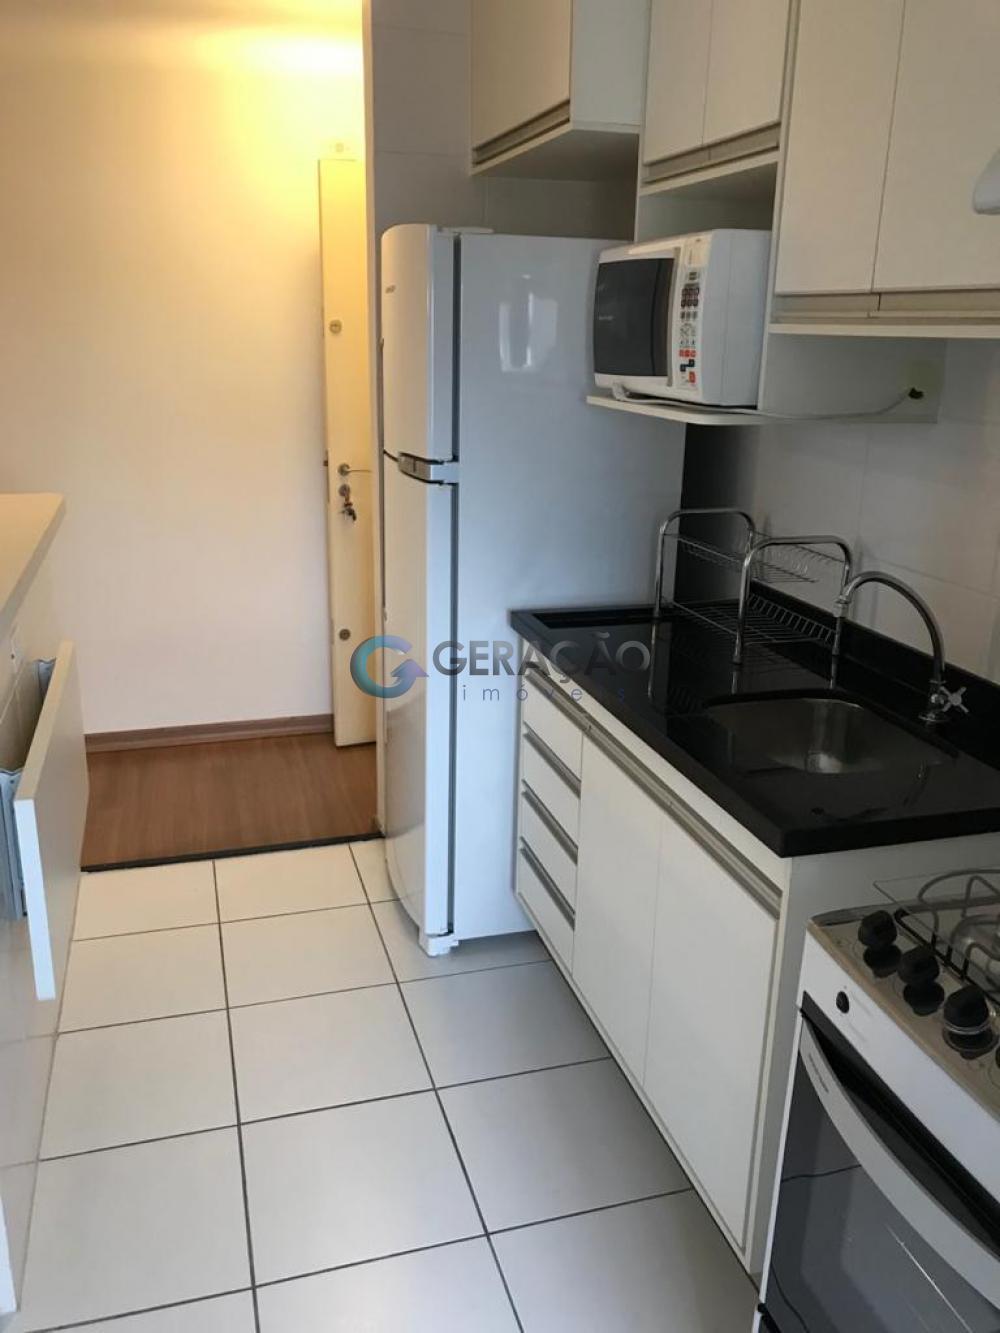 Comprar Apartamento / Padrão em São José dos Campos R$ 370.000,00 - Foto 11